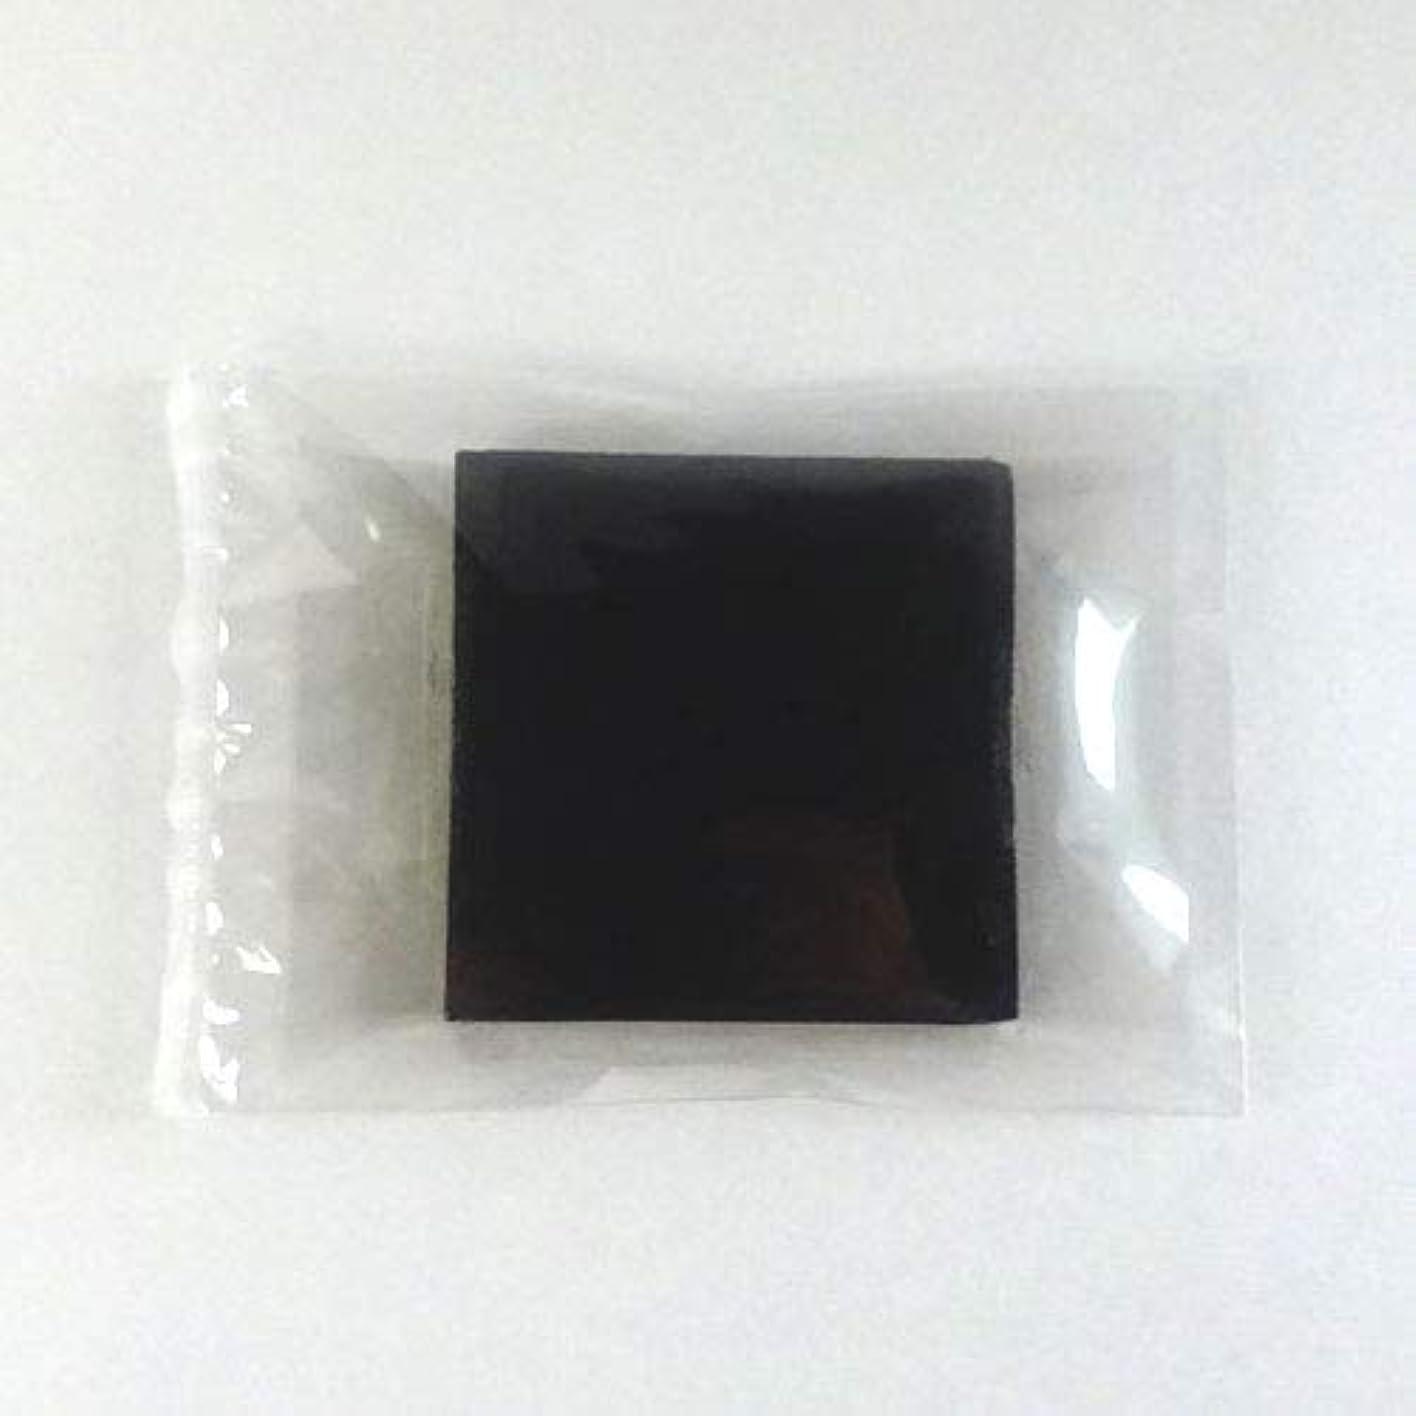 動力学対立カレンダーグリセリンソープ MPソープ 色チッププ 黒(ブラック) 60g (30g x 2pc)